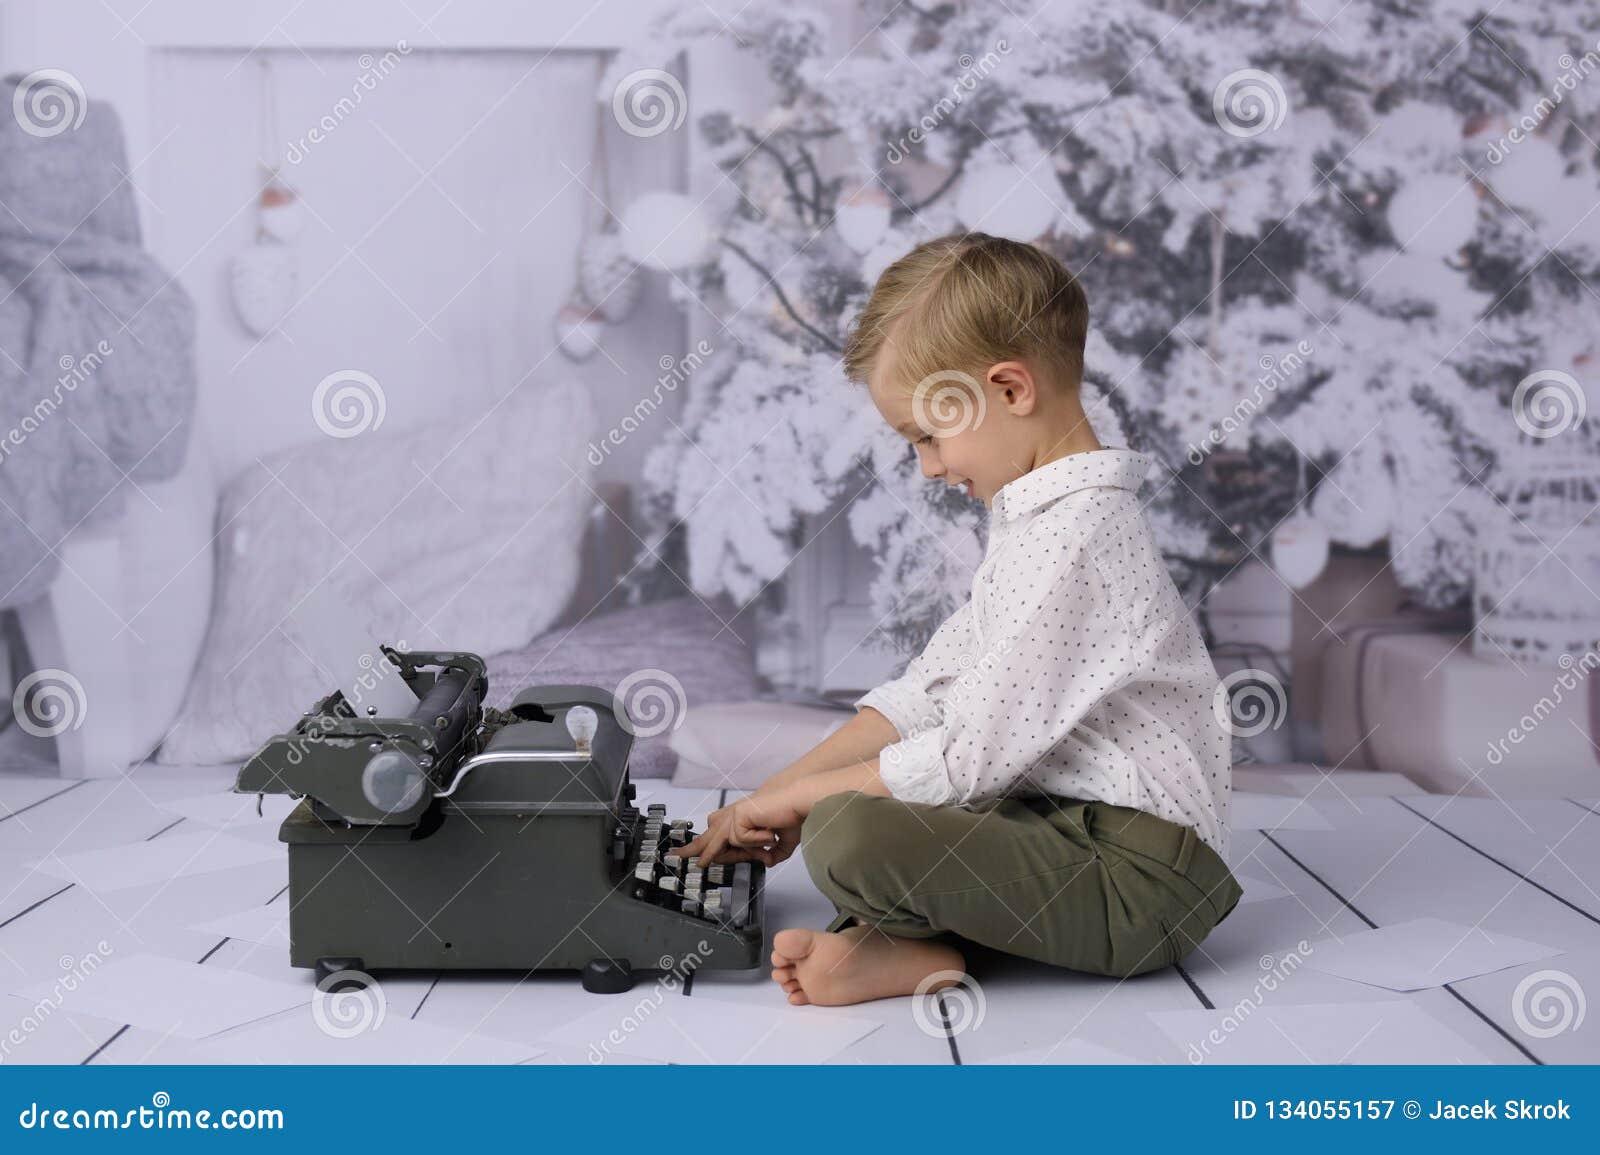 Une lettre au père noël Une lettre au père noël Un enfant heureux écrit une liste de cadeau